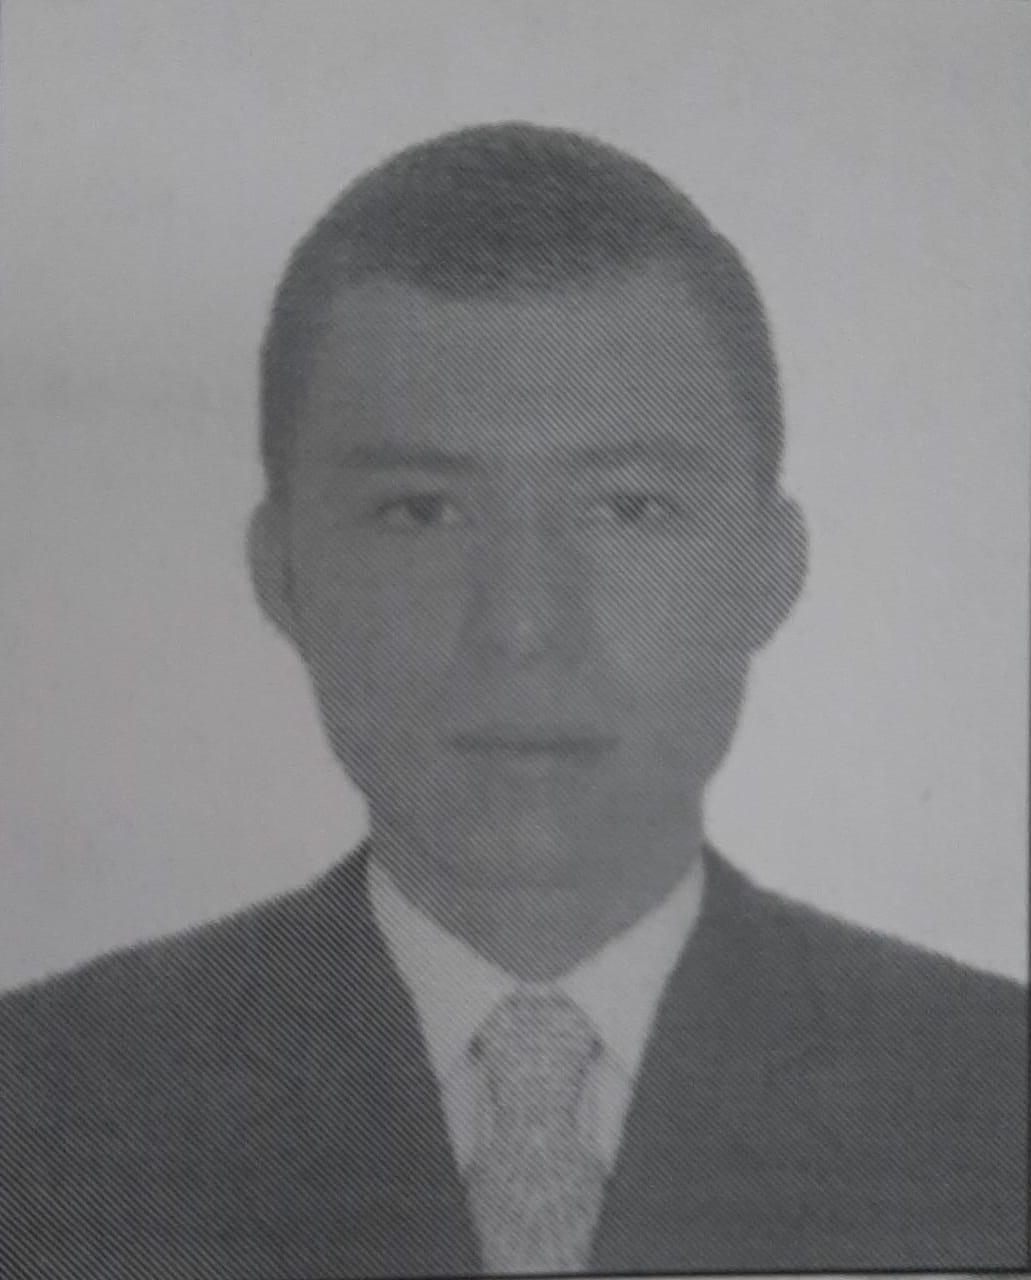 Imputado por doble homicidio culposo en accidente múltiple en carreteras de Tolima